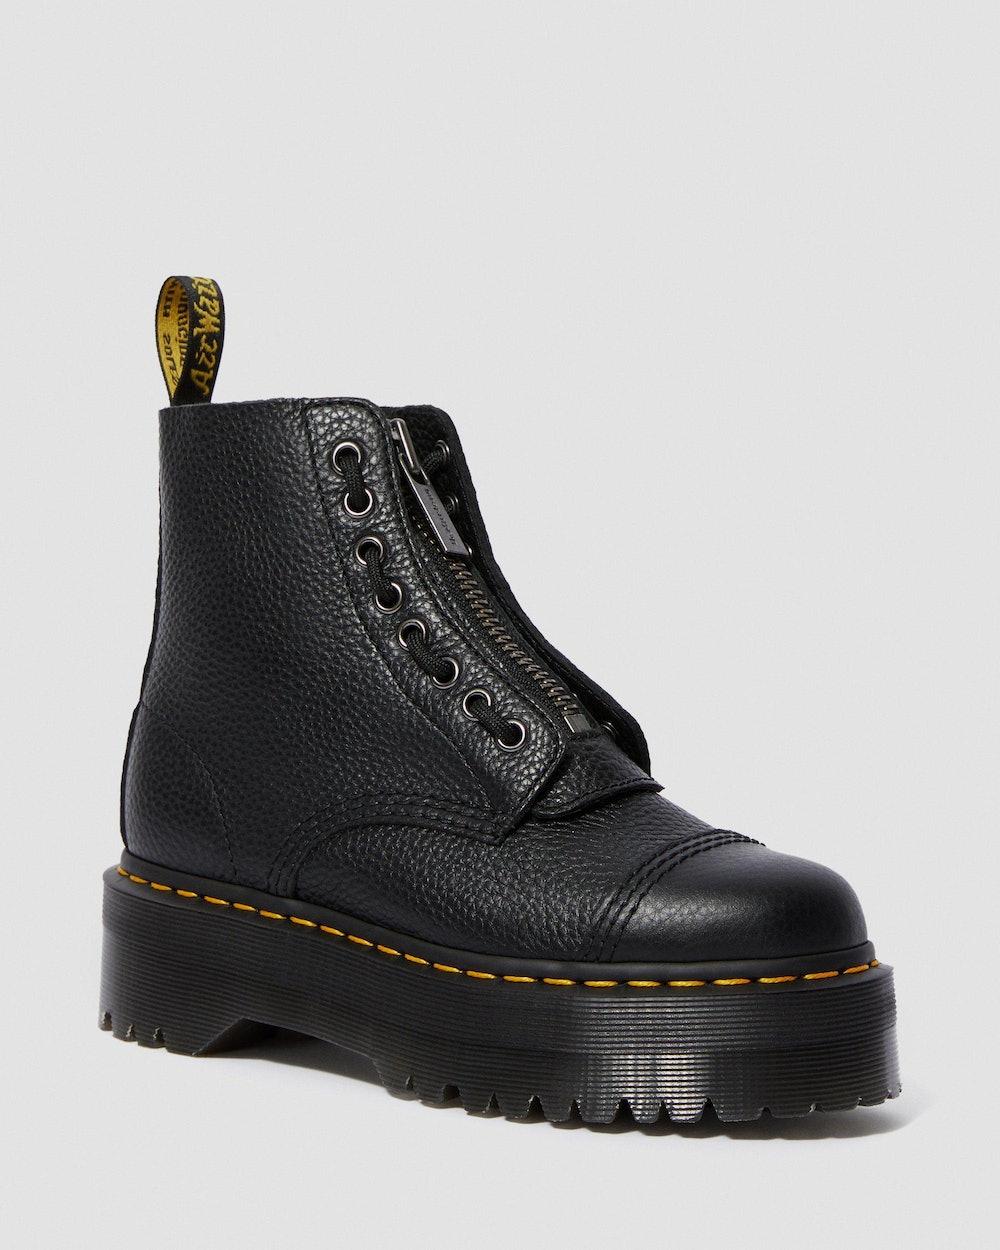 Sinclair Women's Leather Platform Boots